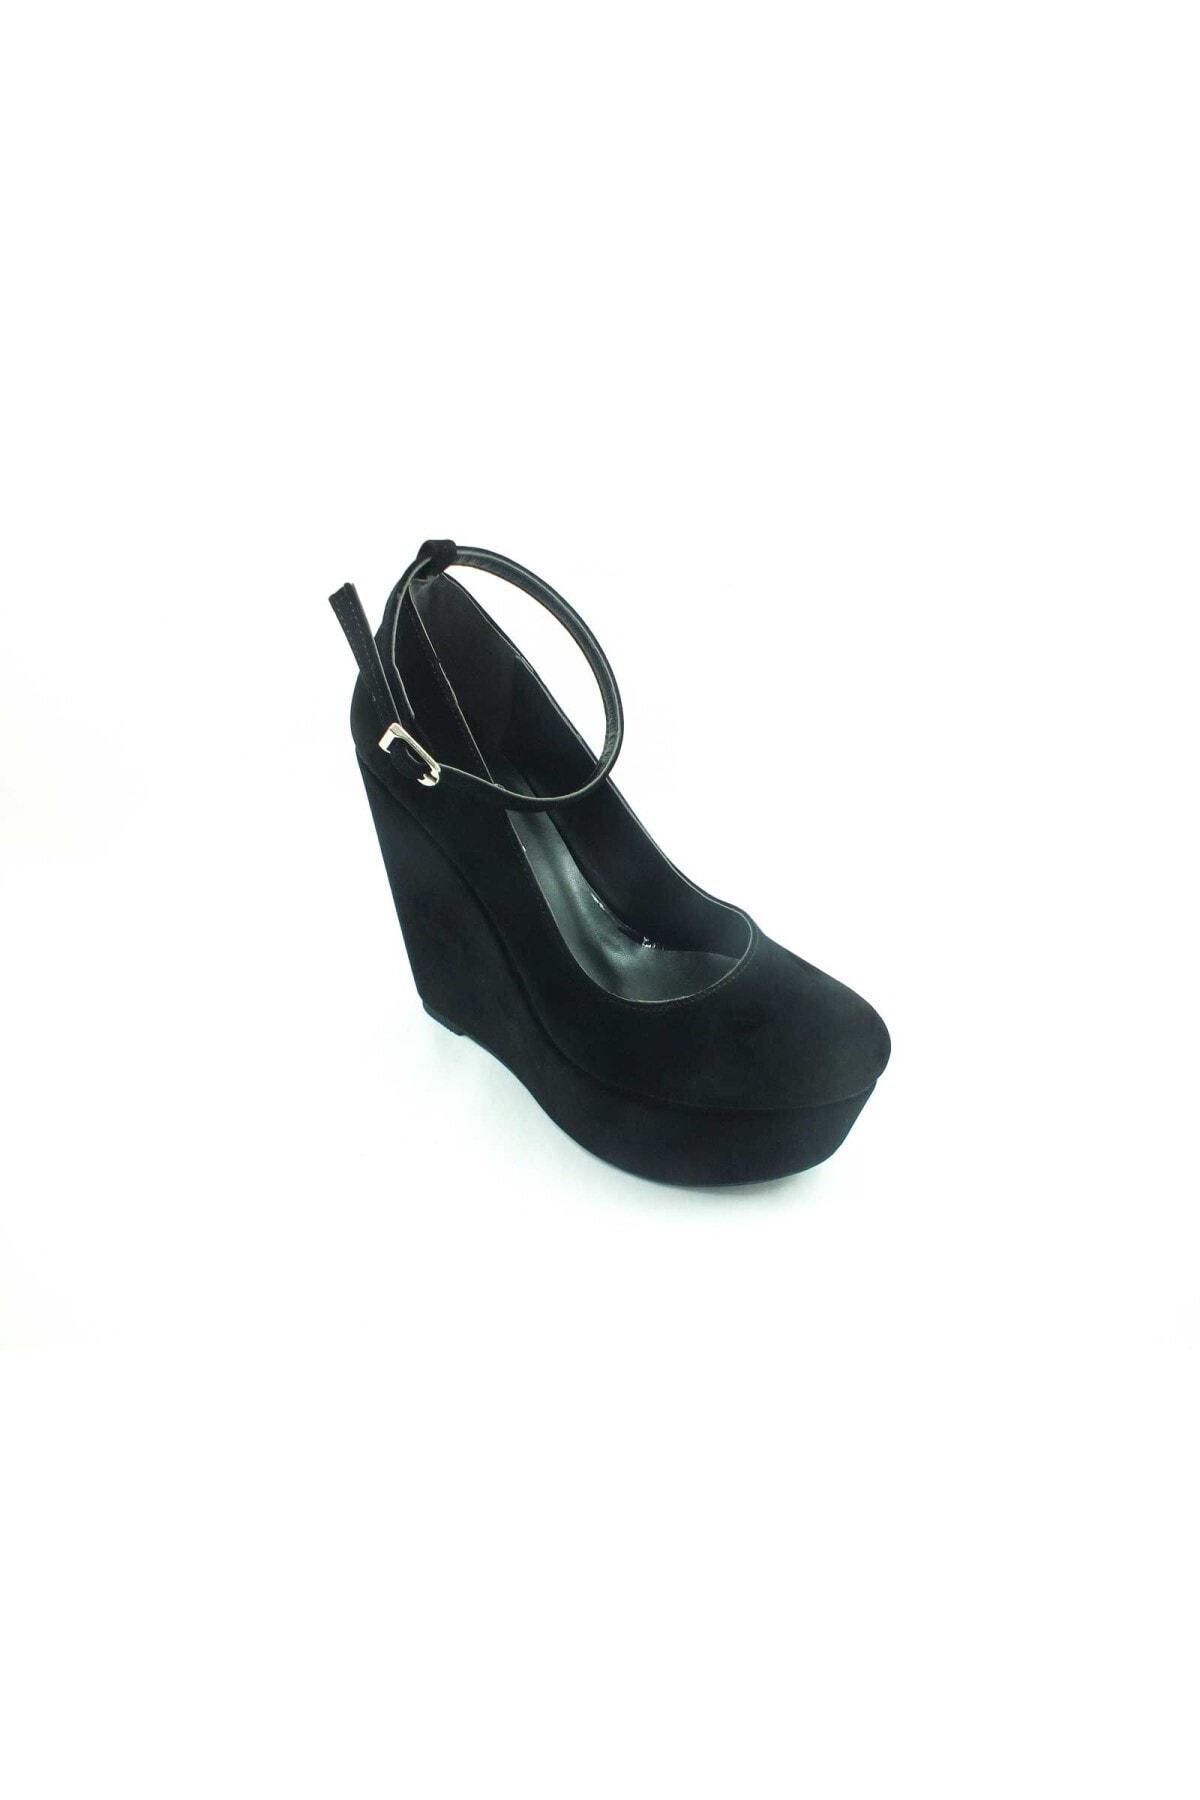 Çarıkçım Dolgu Topuklu Platform Bayan Ayakkabı - Siyah-süet - 190 2